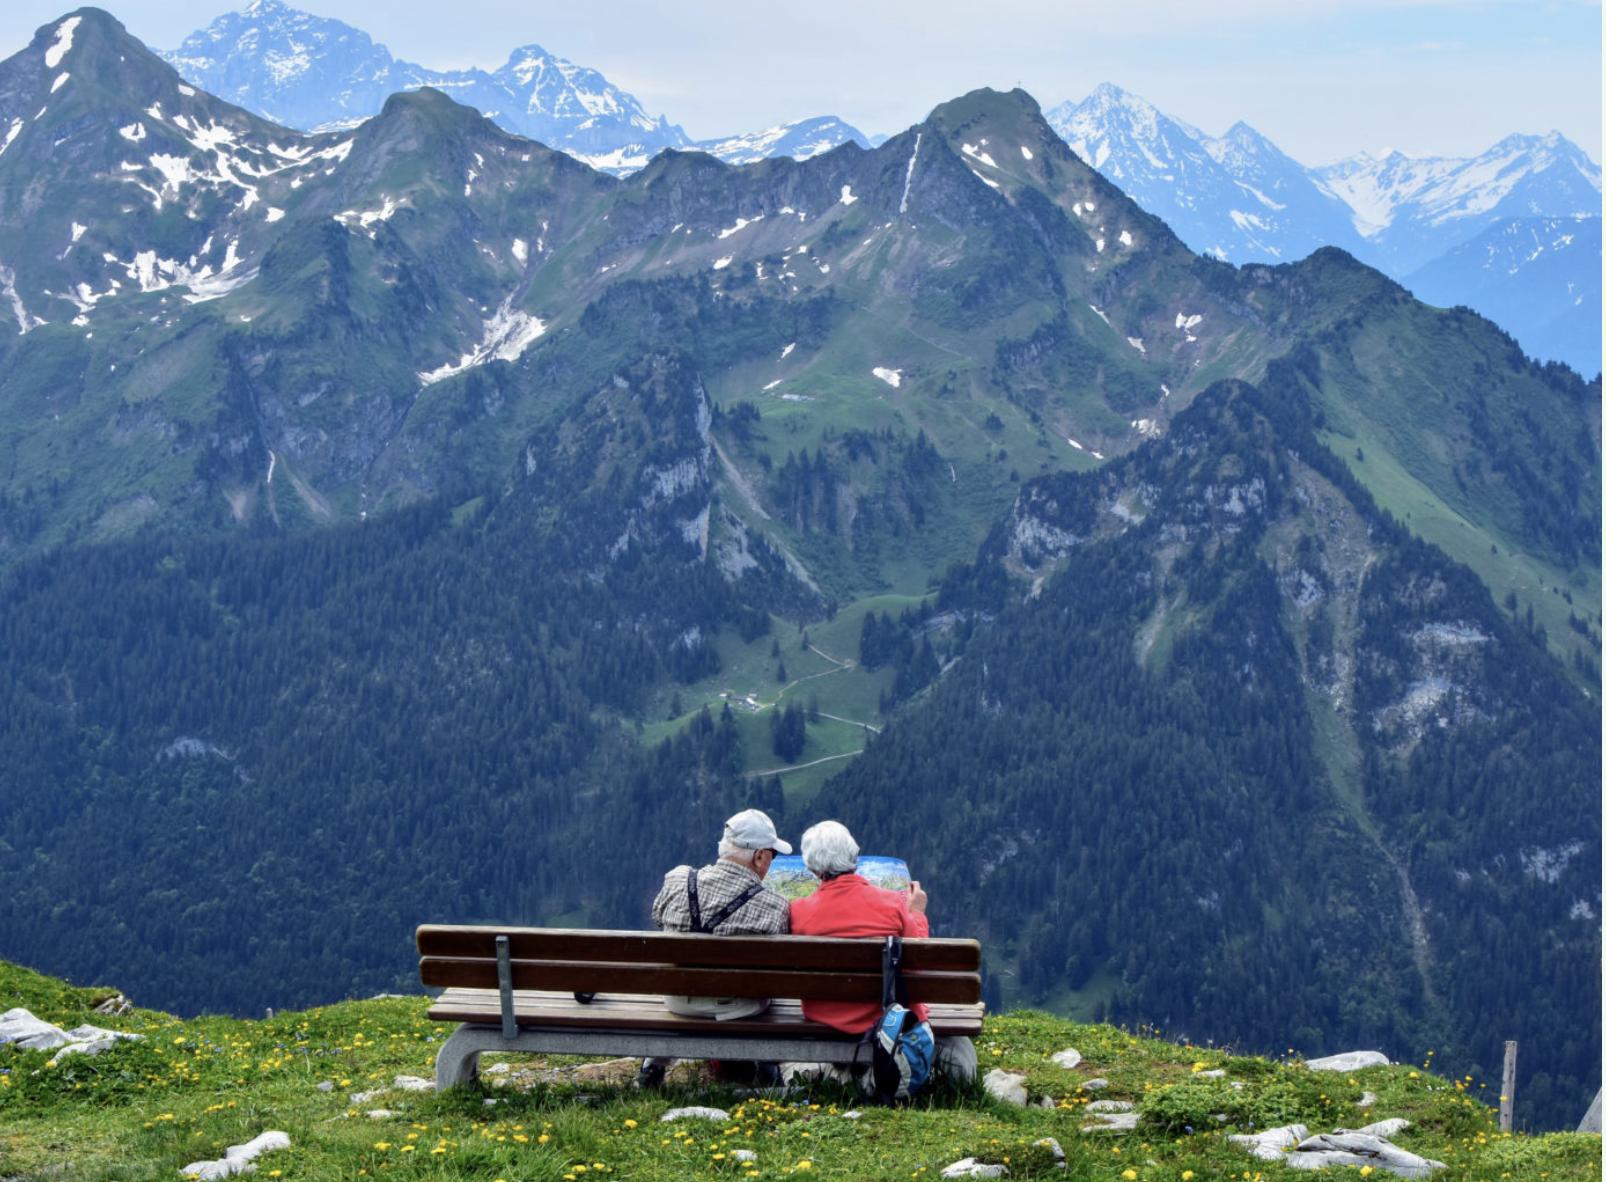 svájci nőt keres házasság flörtölés meg a szájban